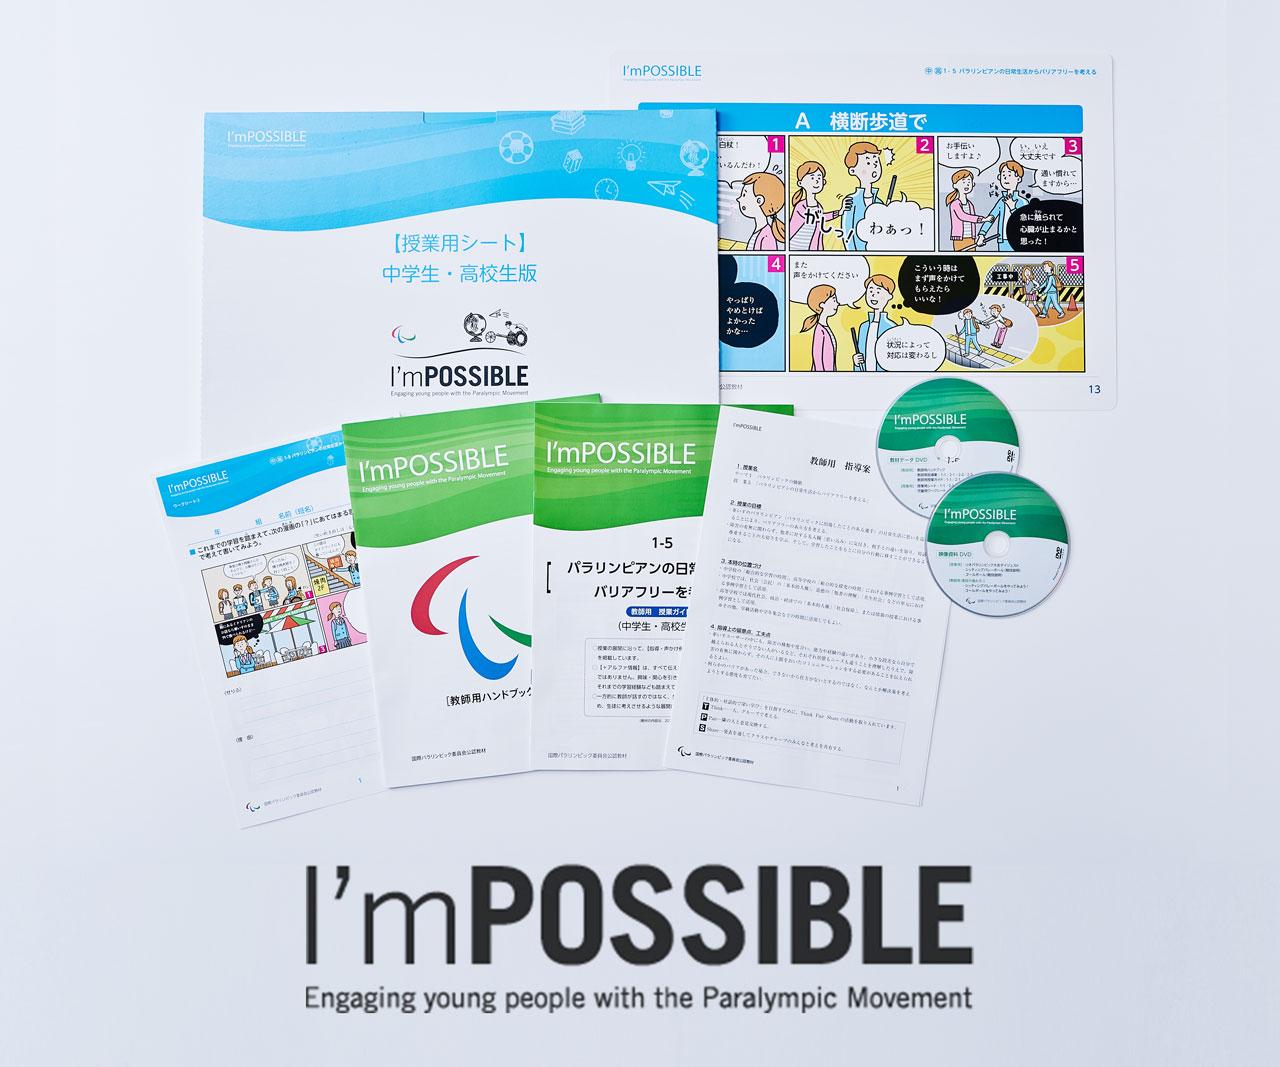 国際パラリンピック委員会(IPC)公認教材『I'mPOSSIBLE(アイムポッシブル)』日本版